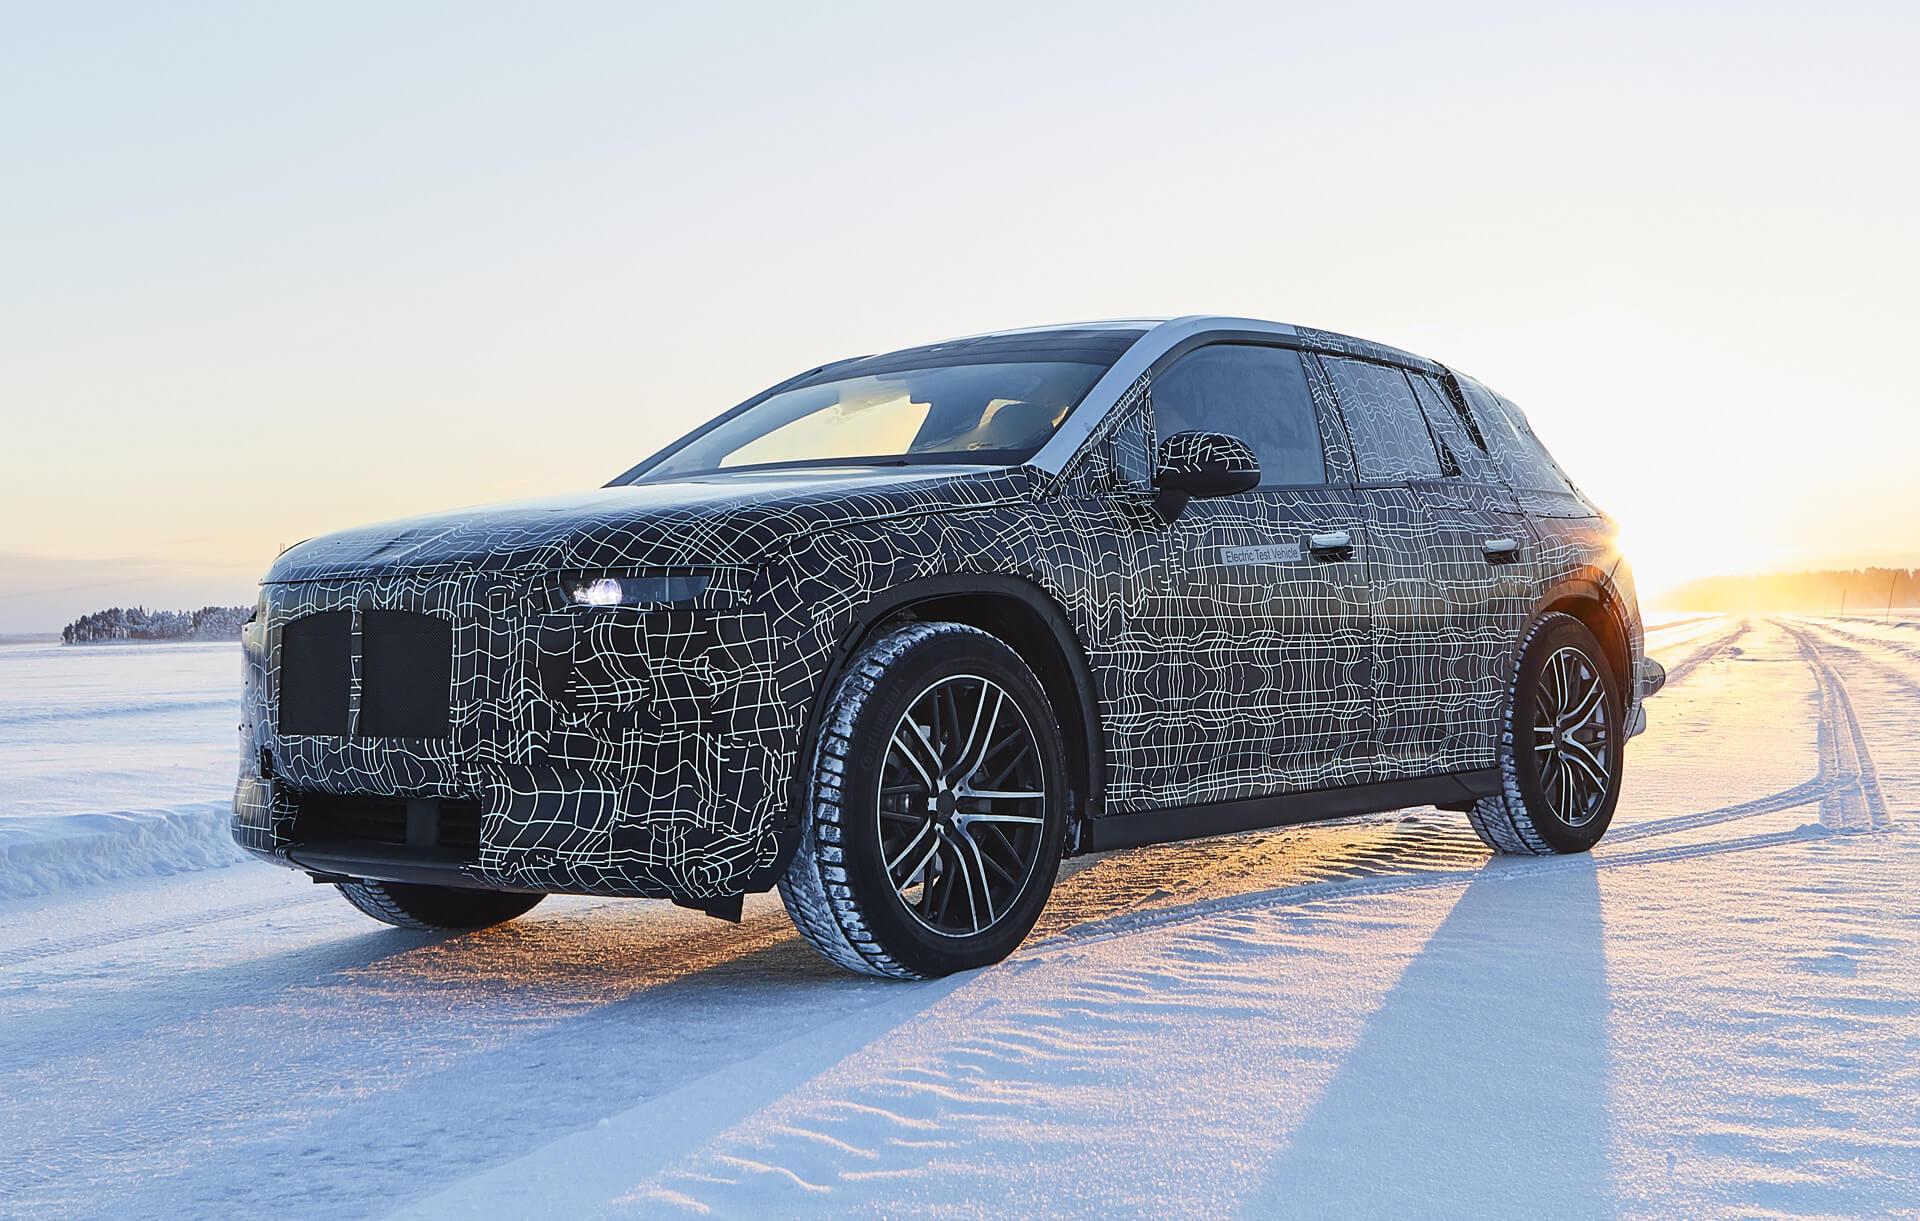 Прототип электрического внедорожника BMW iNext ожидаемый в 2021 году